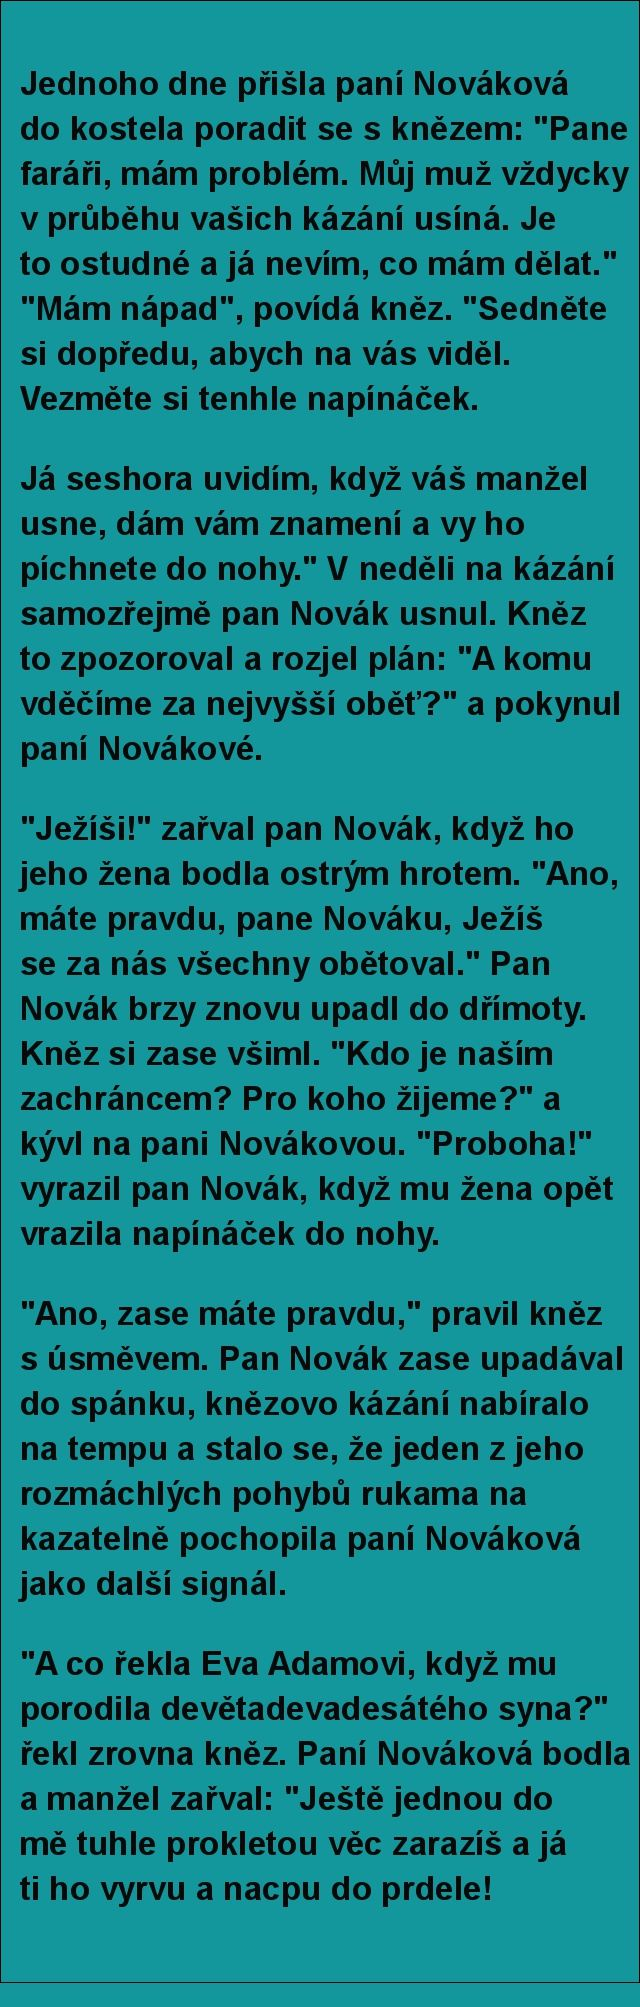 Jednoho dne přišla paní Nováková do kostela.. | torpeda.cz - vtipné obrázky, vtipy a videa